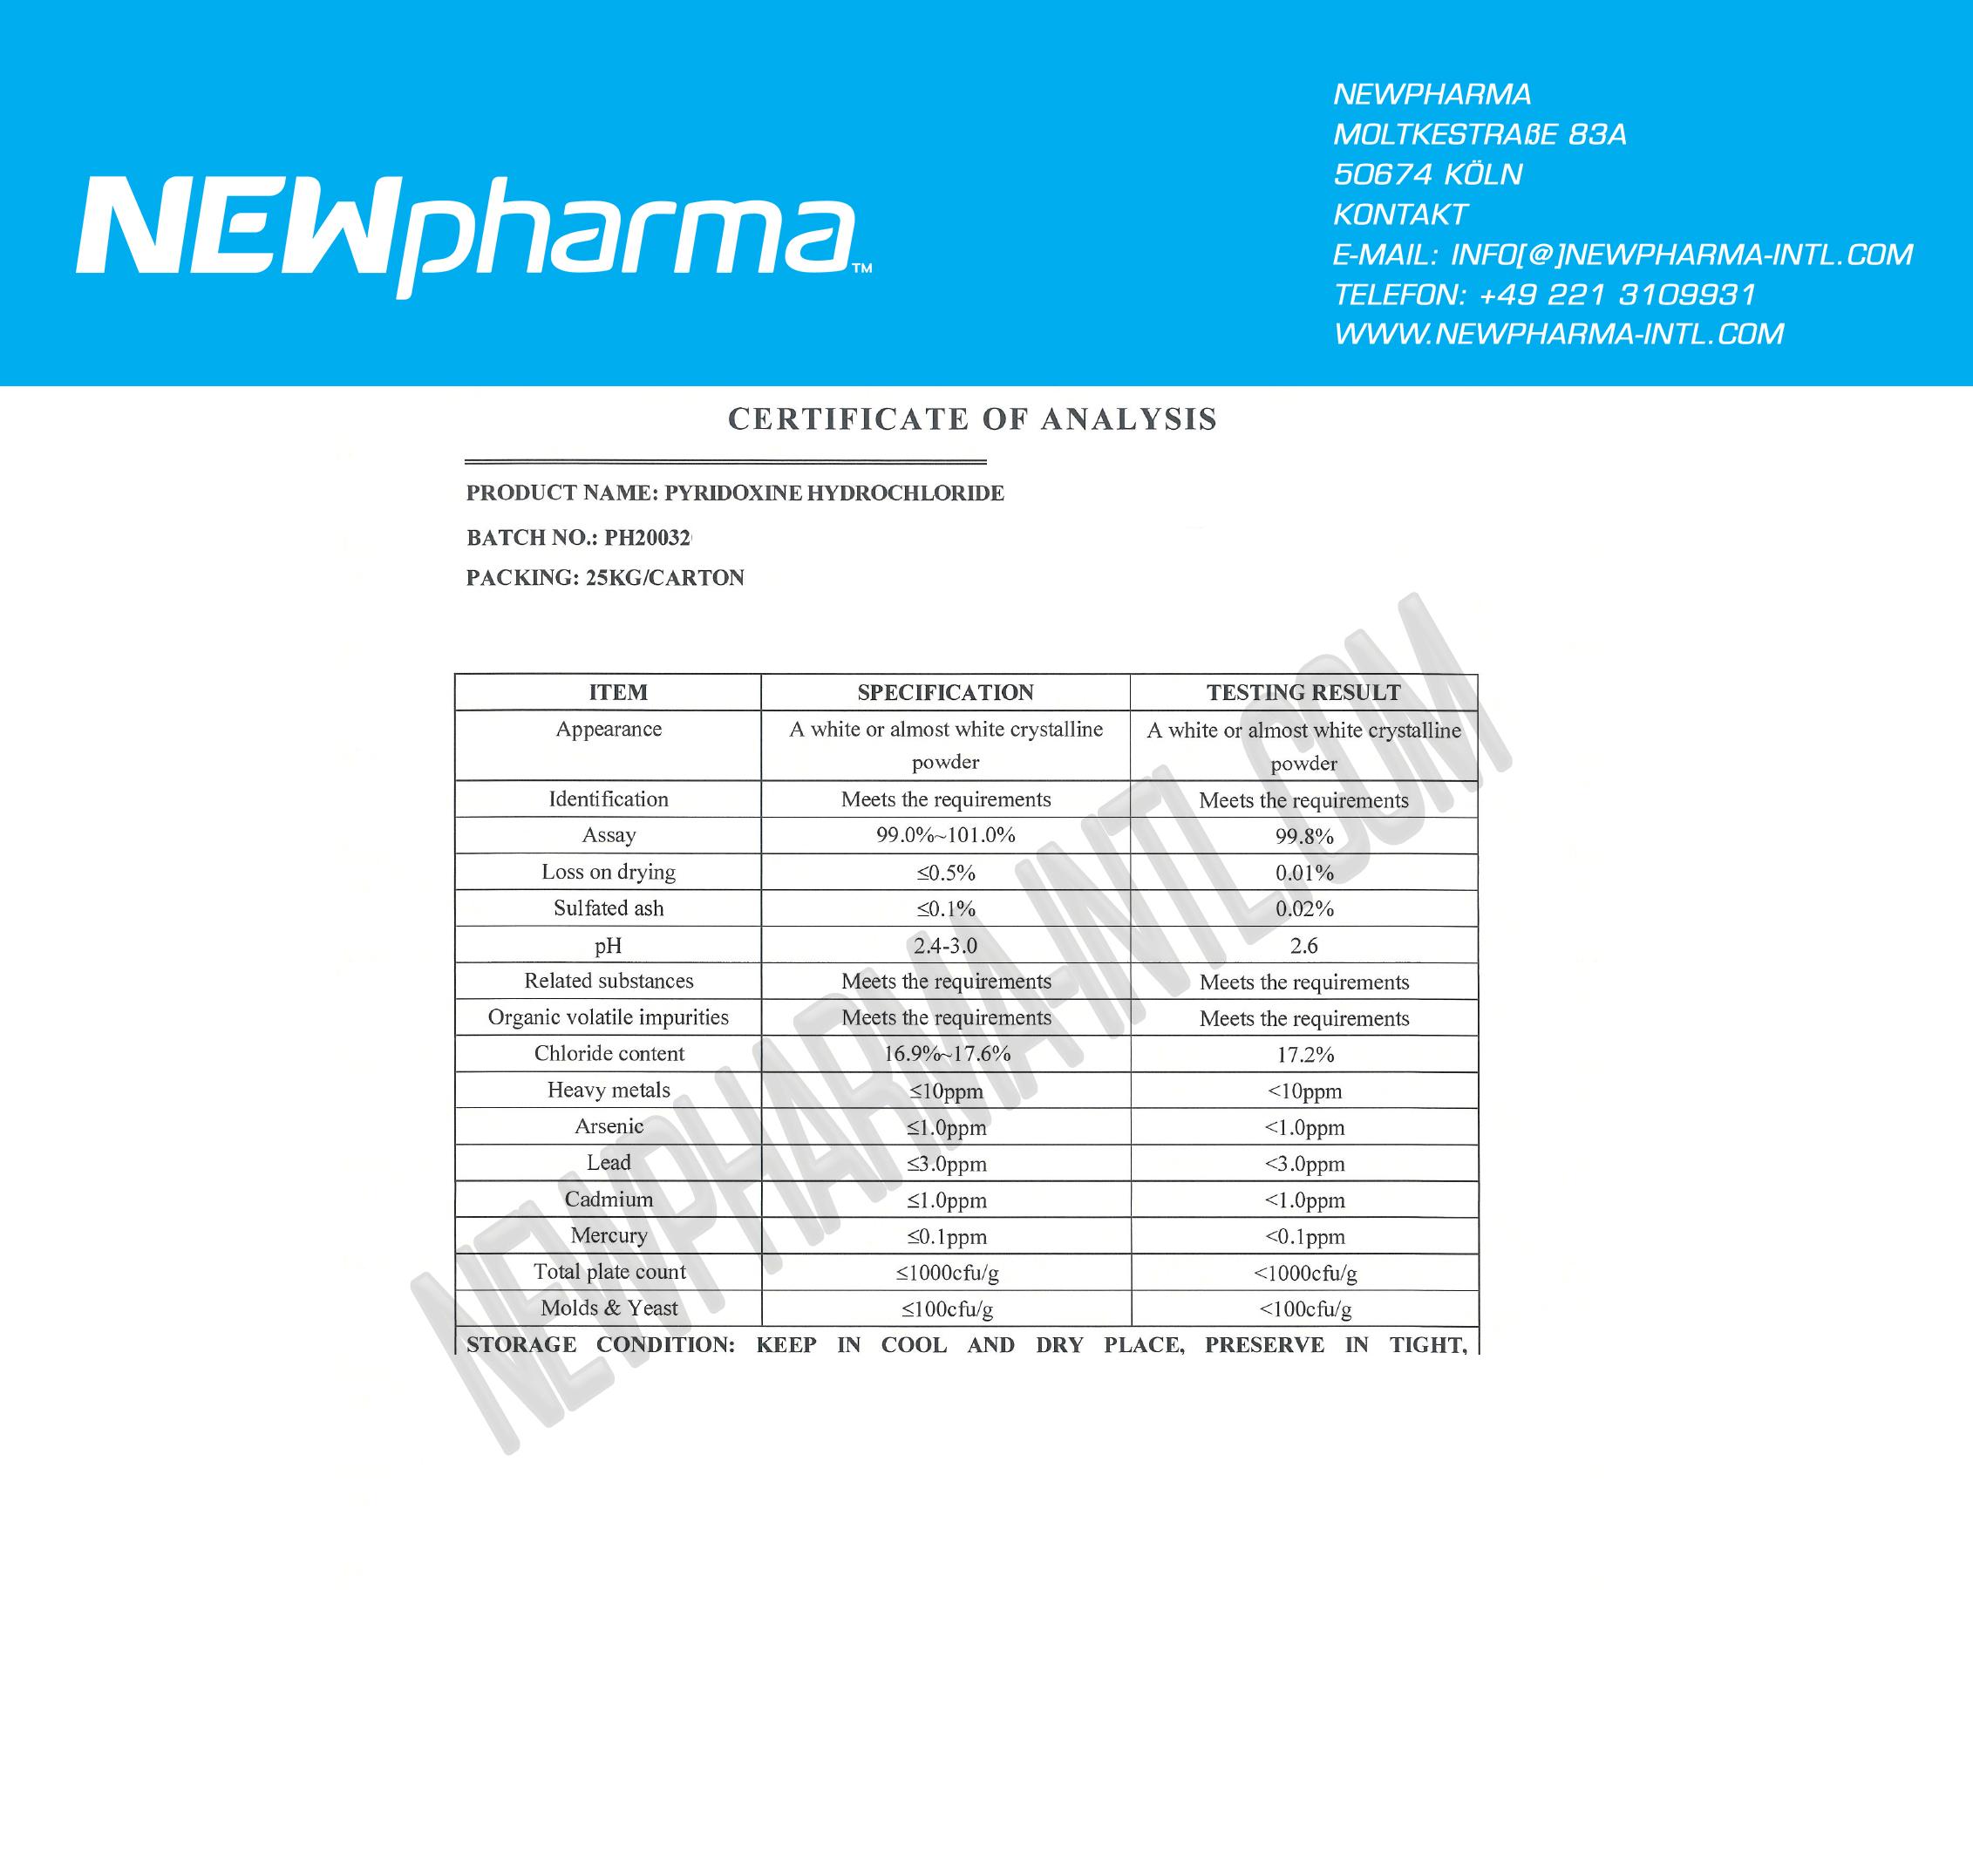 NEWPHARMA-B6vqAaRc4qFNCWY-4